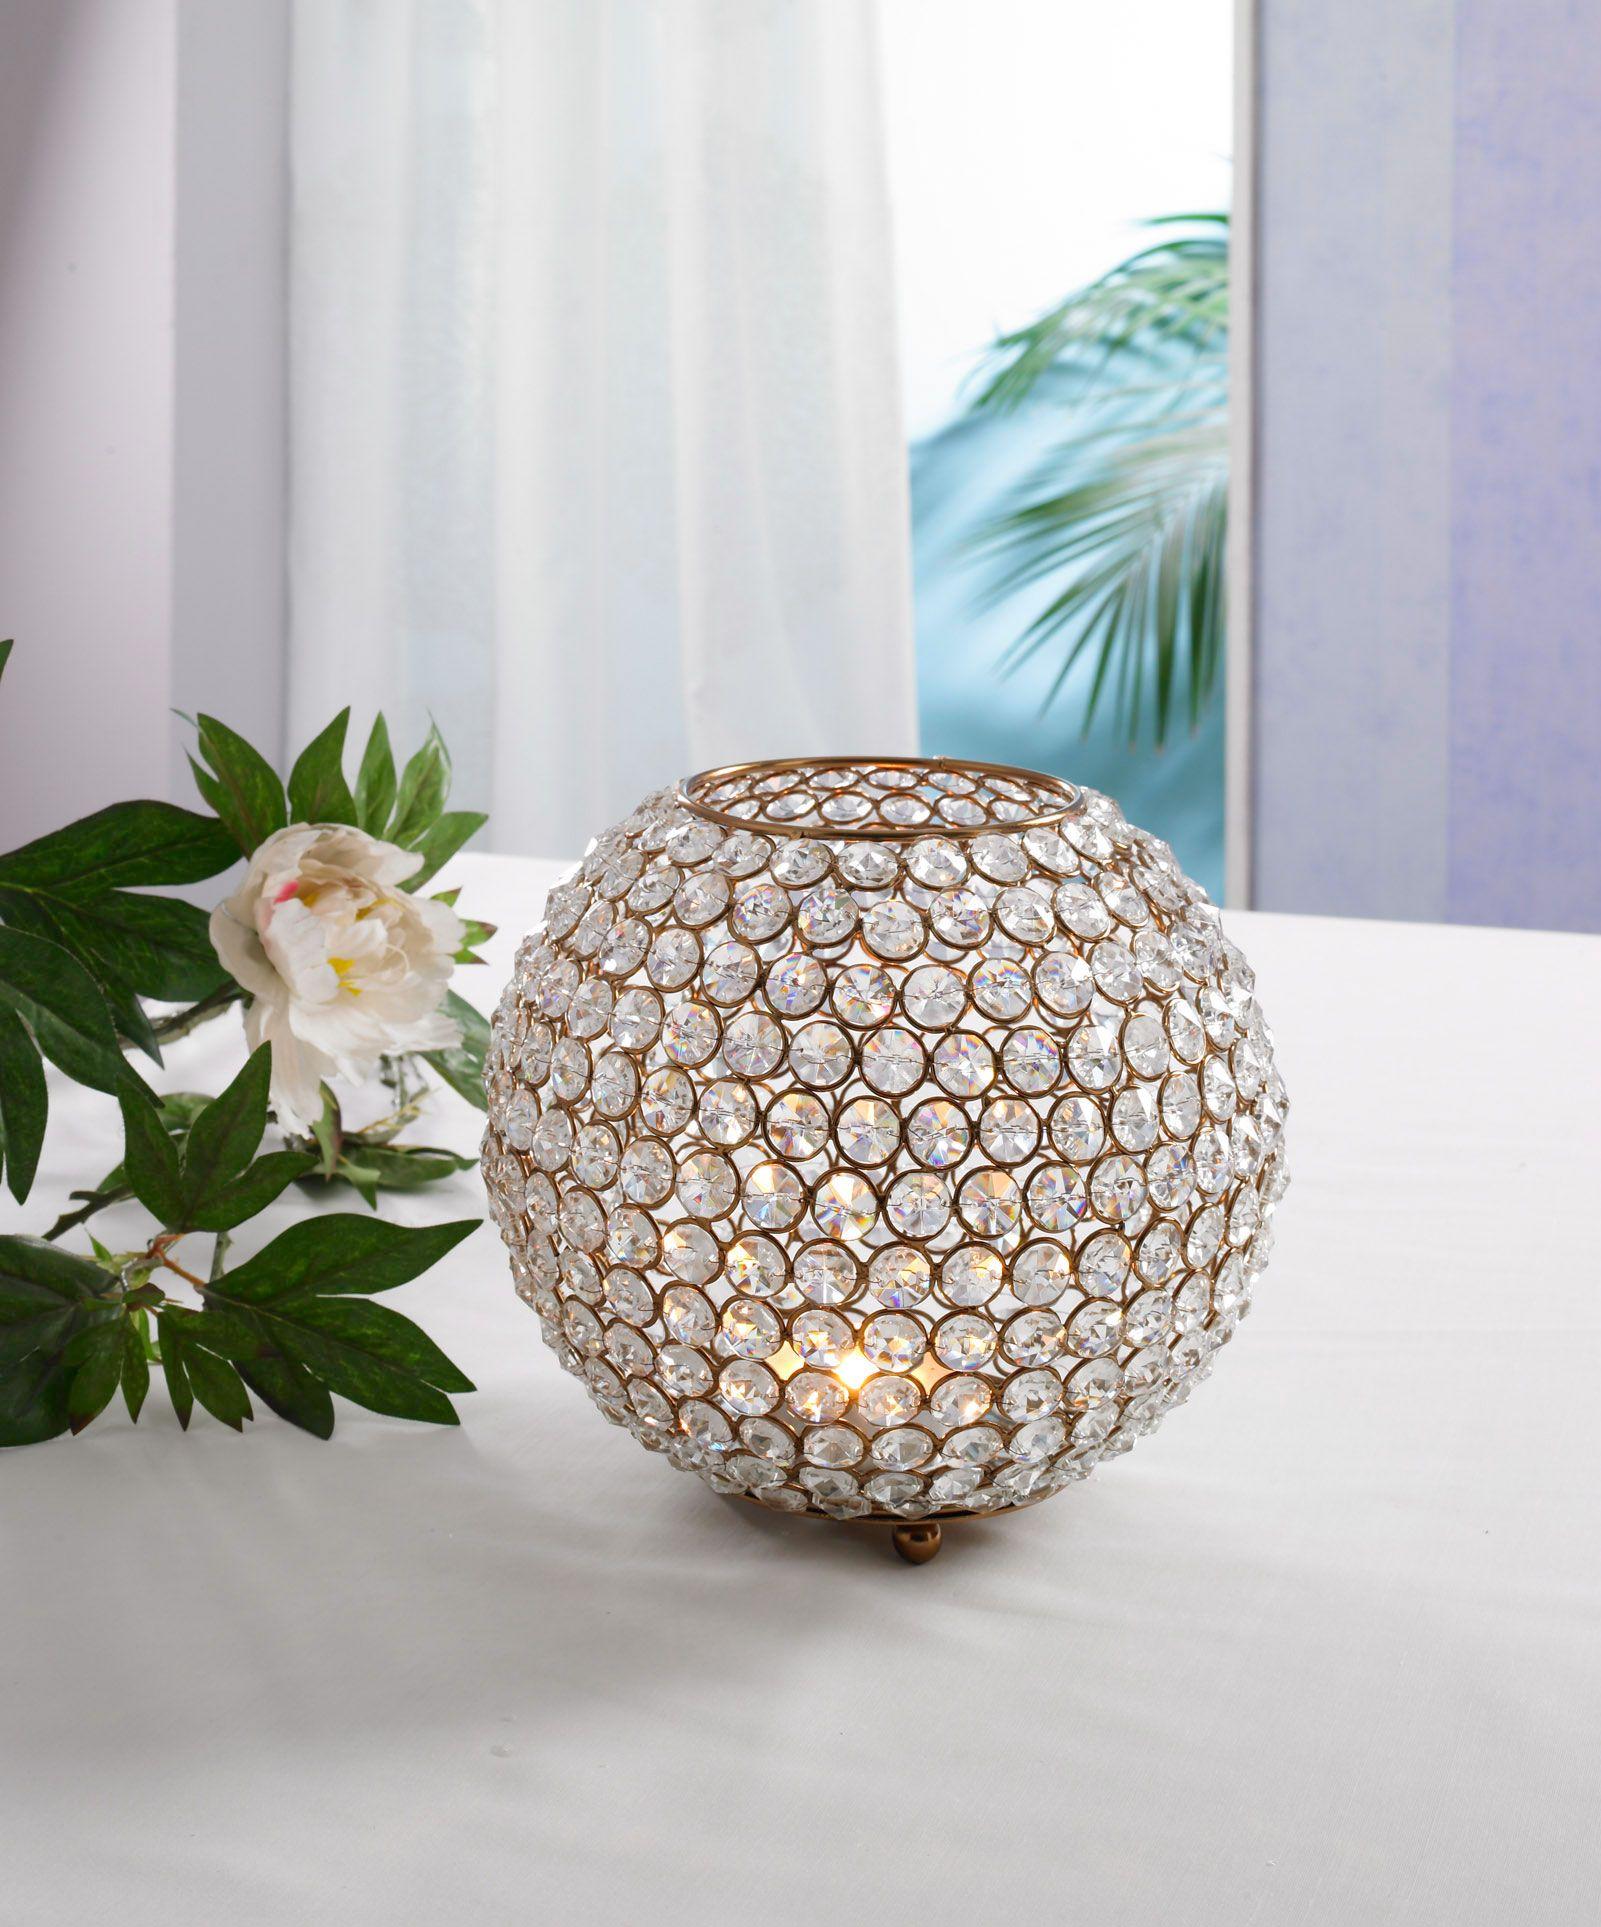 Kristallkugel Teelicht Kerzen Leuchter Kerzenständer Kerzenleuchter Kerzenhalter